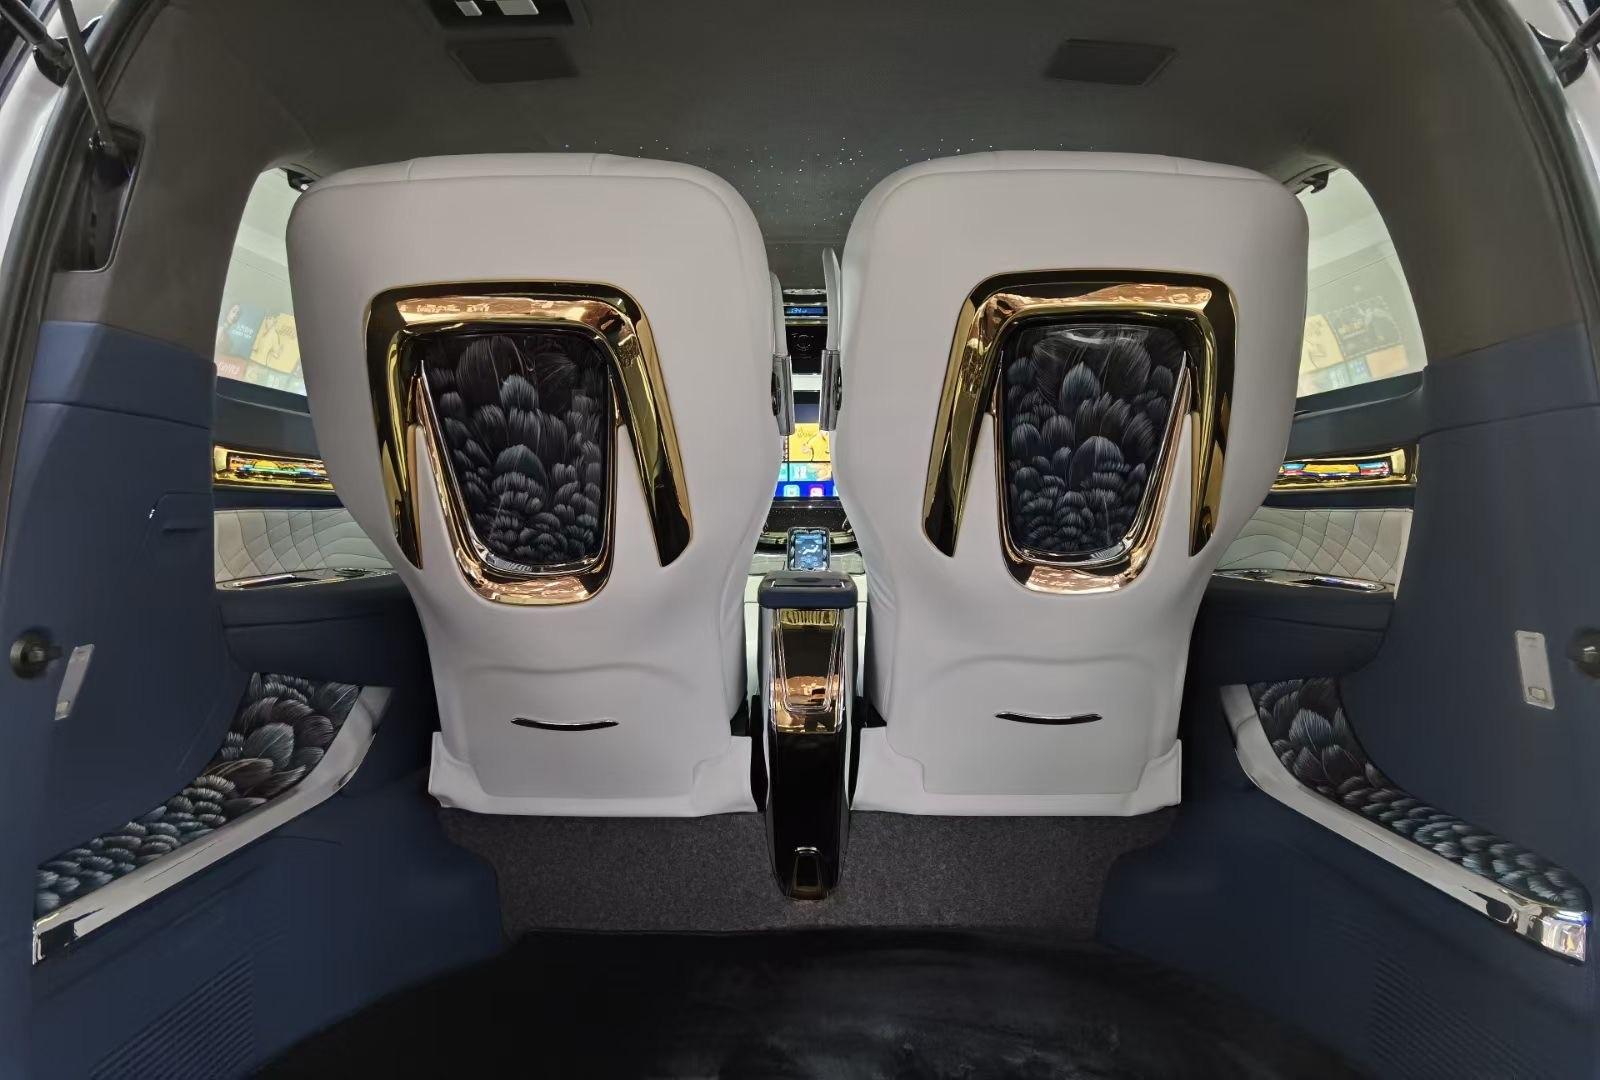 丰田埃尔法蒙娜丽莎版-皇家贵宾舱象征